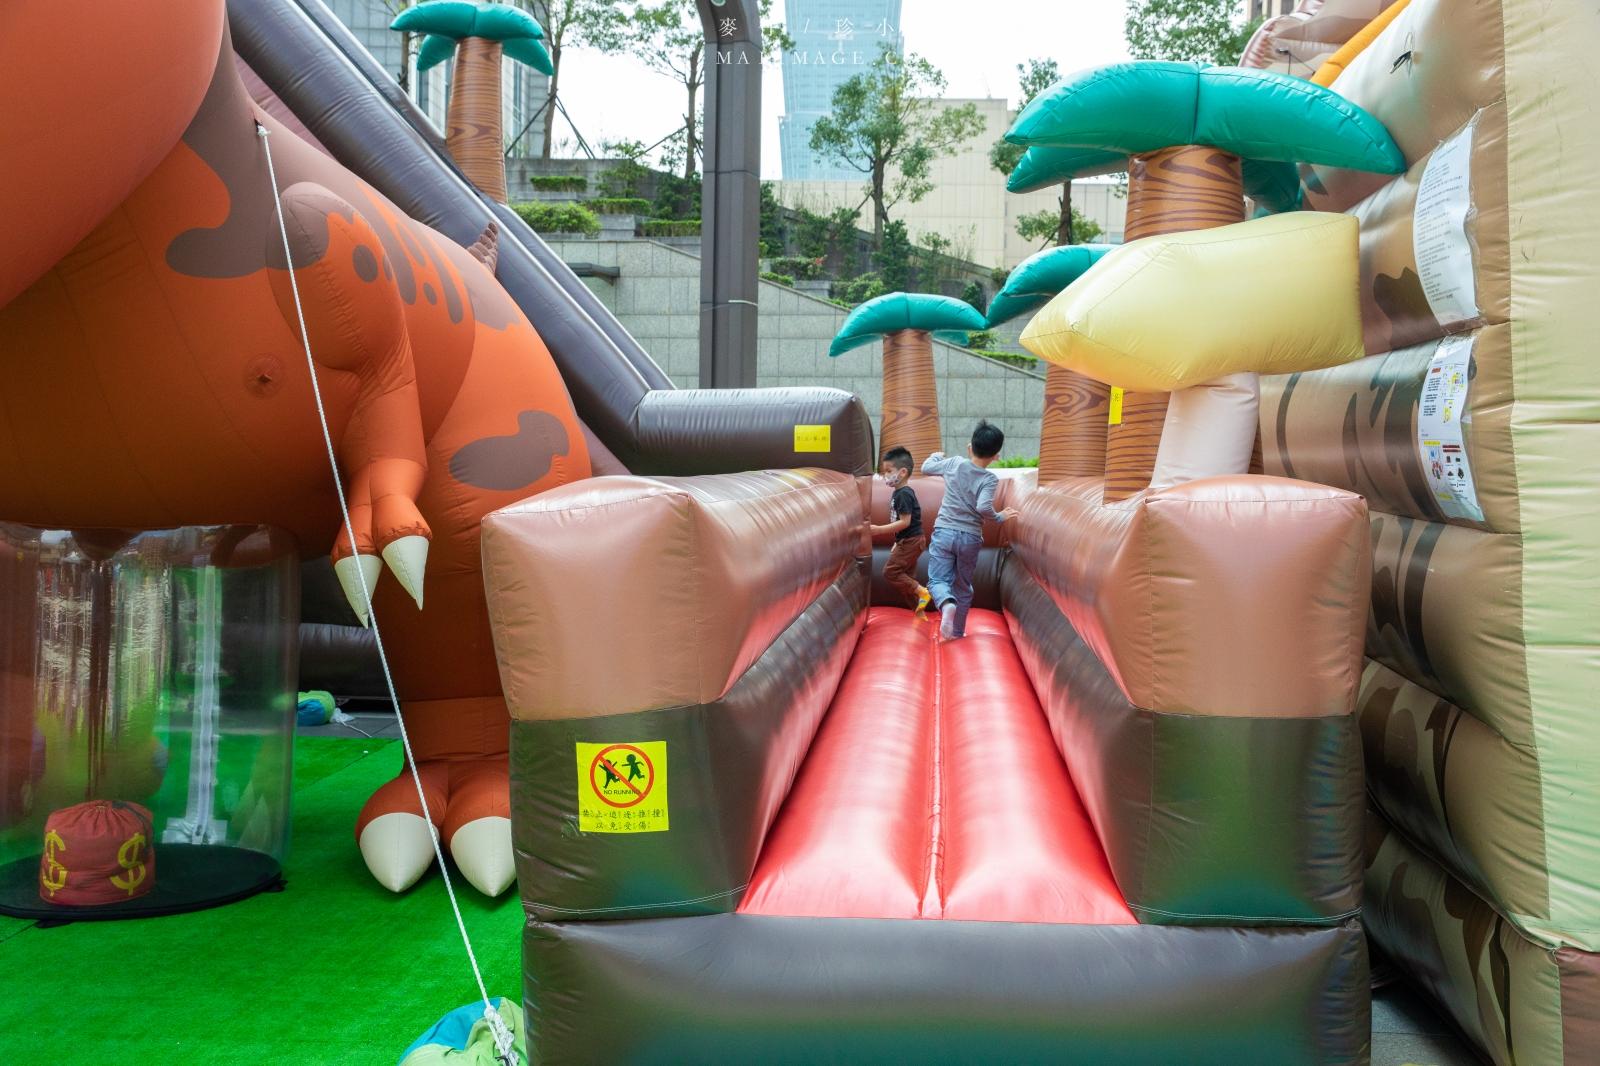 台北親子景點推薦|『厚斗恐龍叢林樂園』巡迴到台北囉!~9米高巨型厚斗恐龍、7公尺超高氣墊溜滑梯、四大氣墊遊戲區、叢林小火車、市政府轉運站